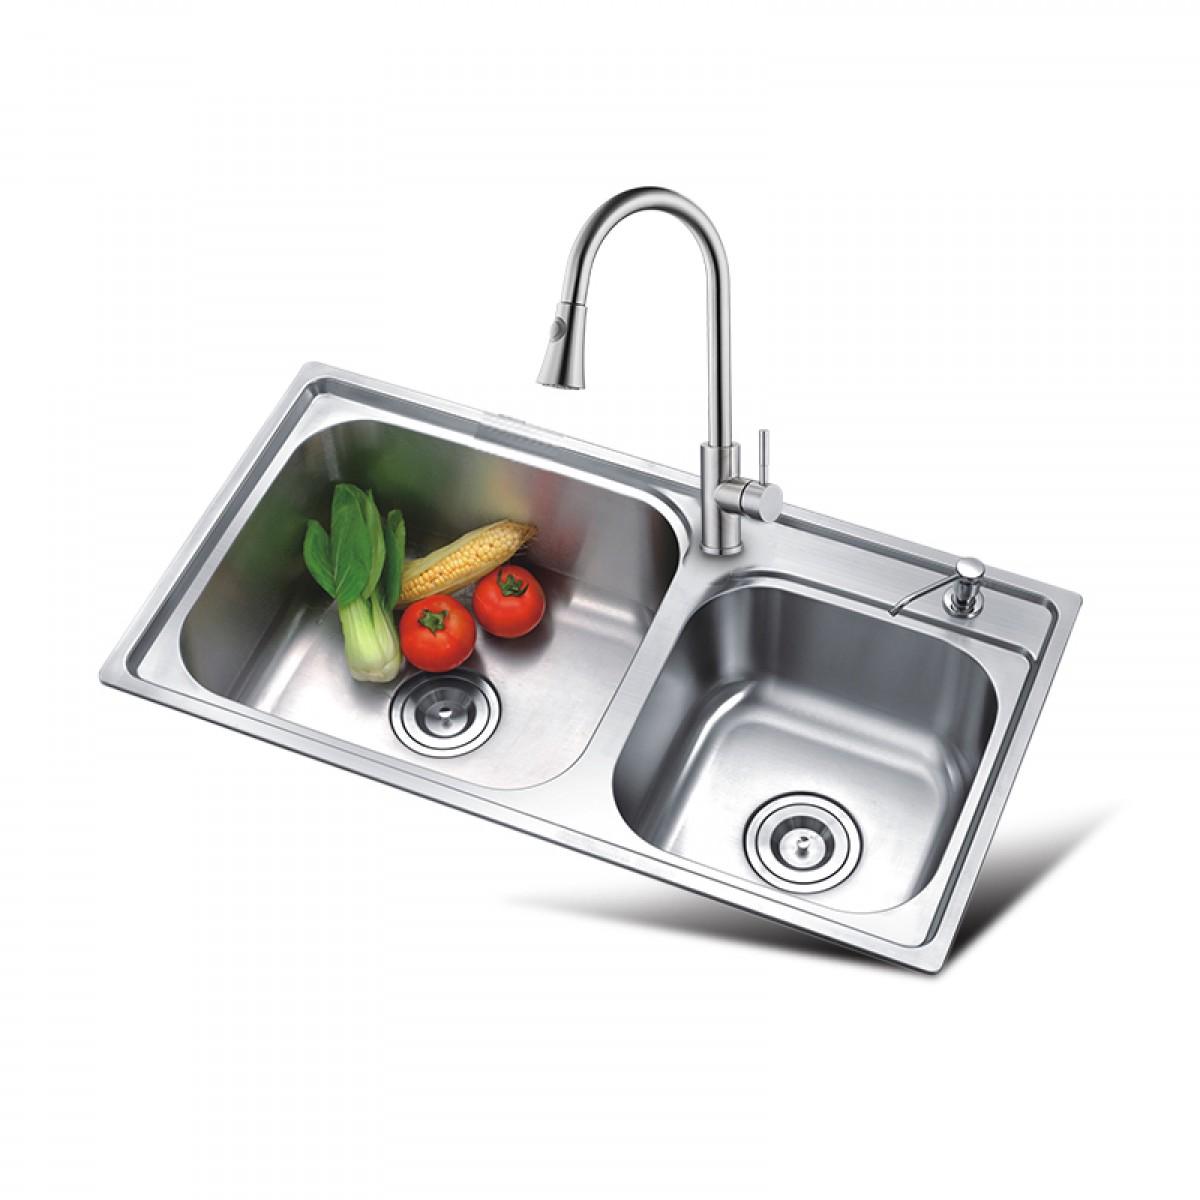 邦斯特 不锈钢双盆水槽+龙头套餐 7843L+2008